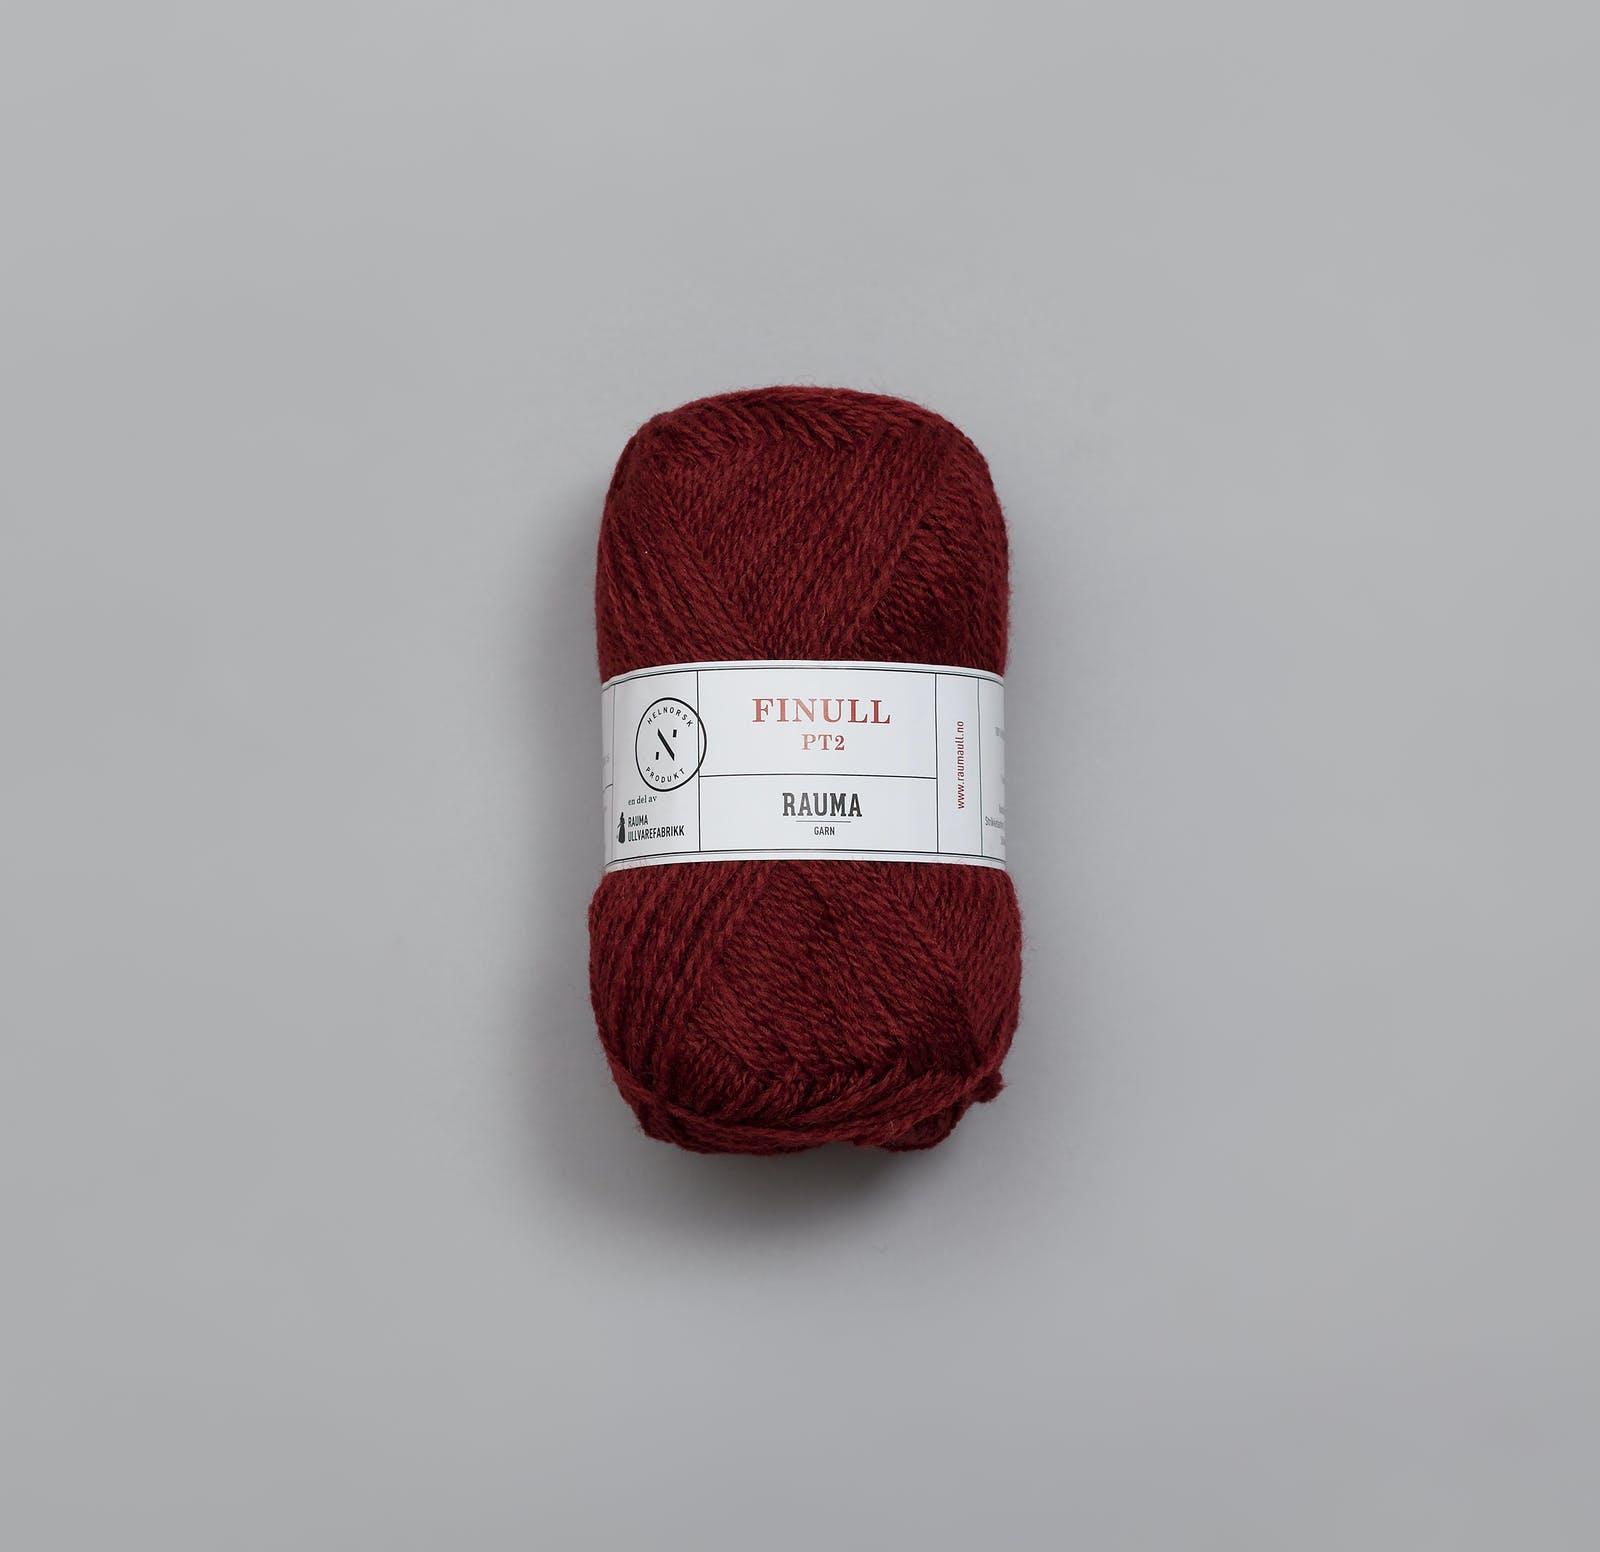 Rauma Finull-PT2-0428